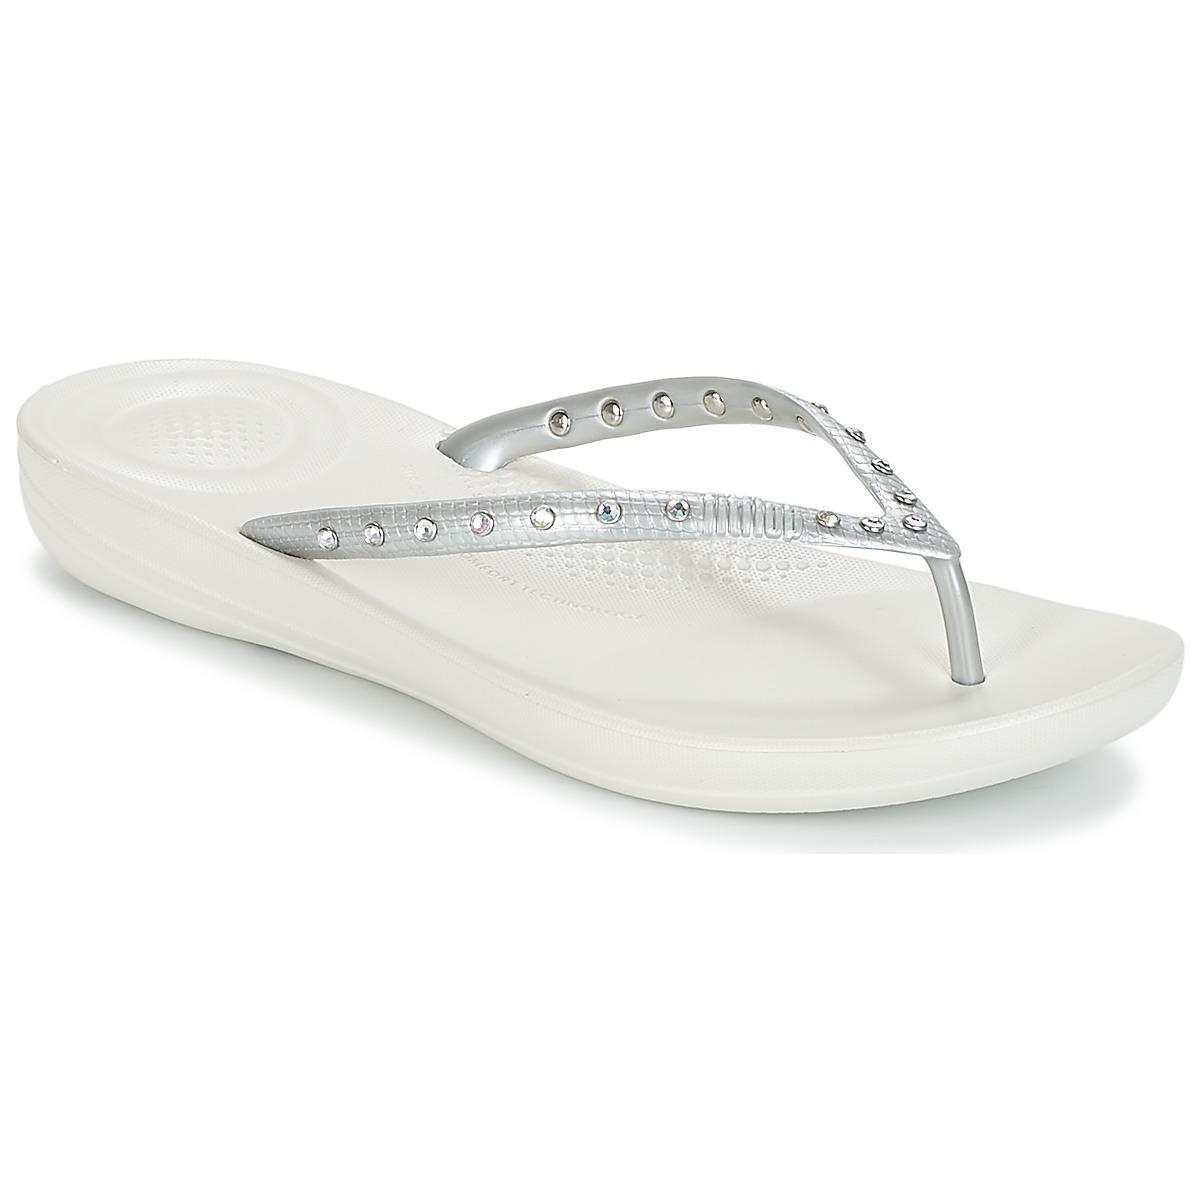 93e9d2f724baf Fitflop Iqushion Ergonomic Flip Flops Crystal Flip Flops   Sandals ...